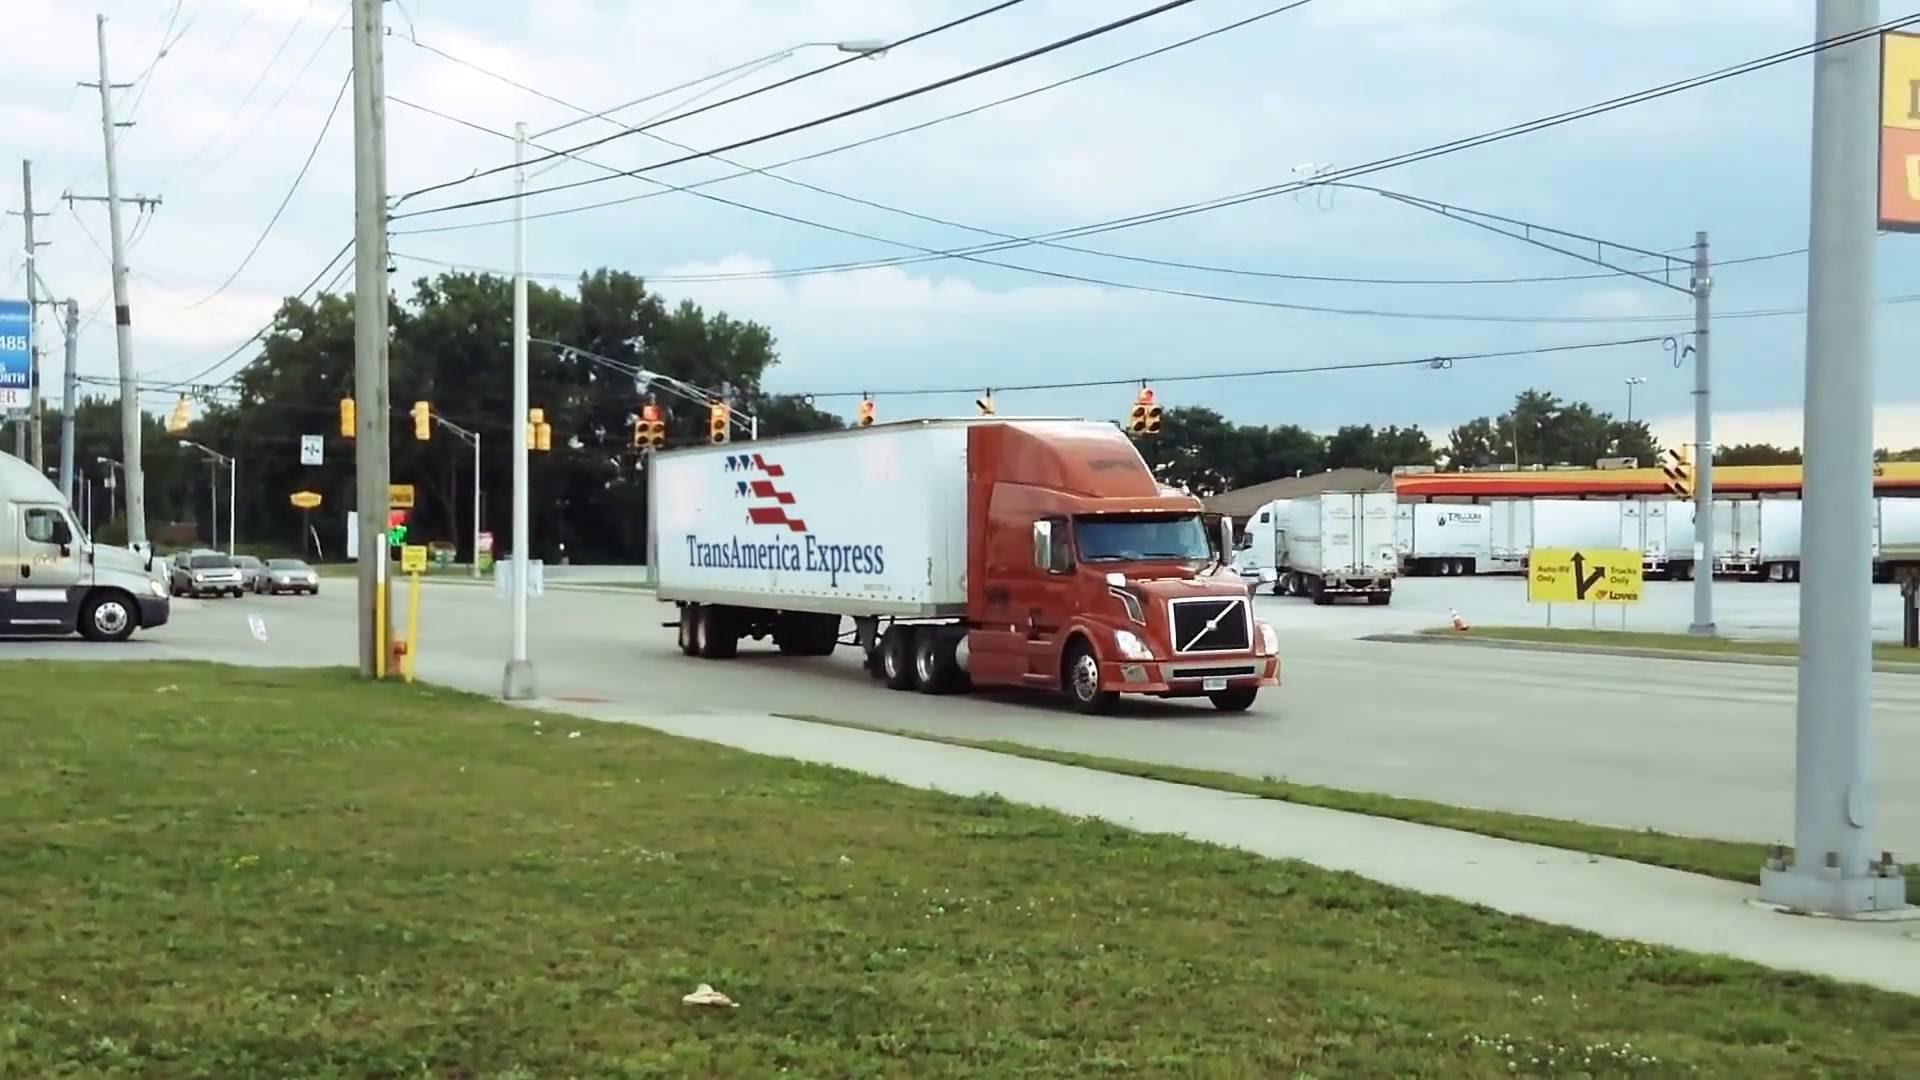 Transportation Company - Transamerica Transportation - Trucking